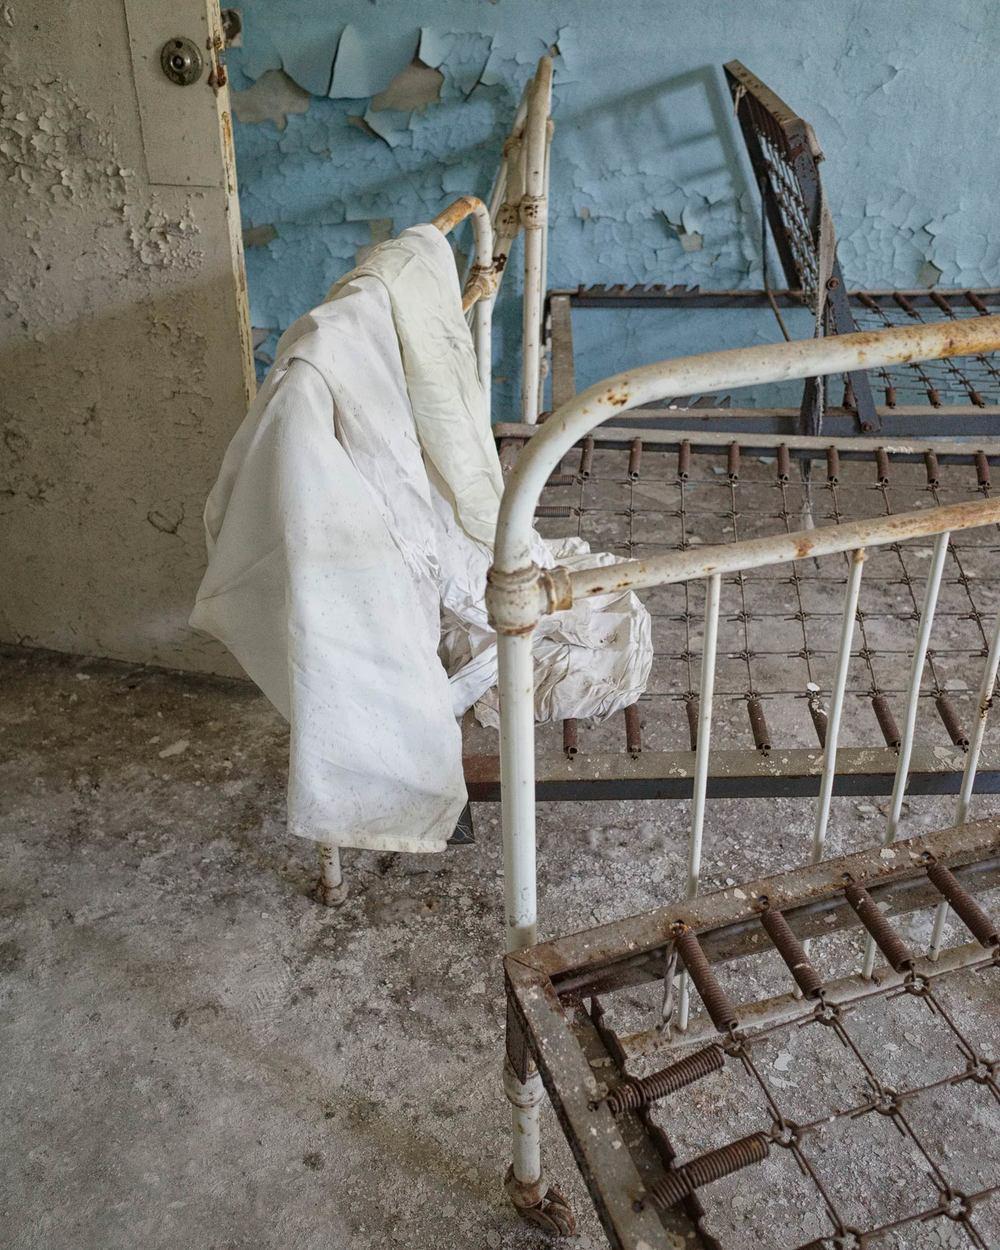 282_chernobyl_Chernobyl2_Hospital_w.jpg